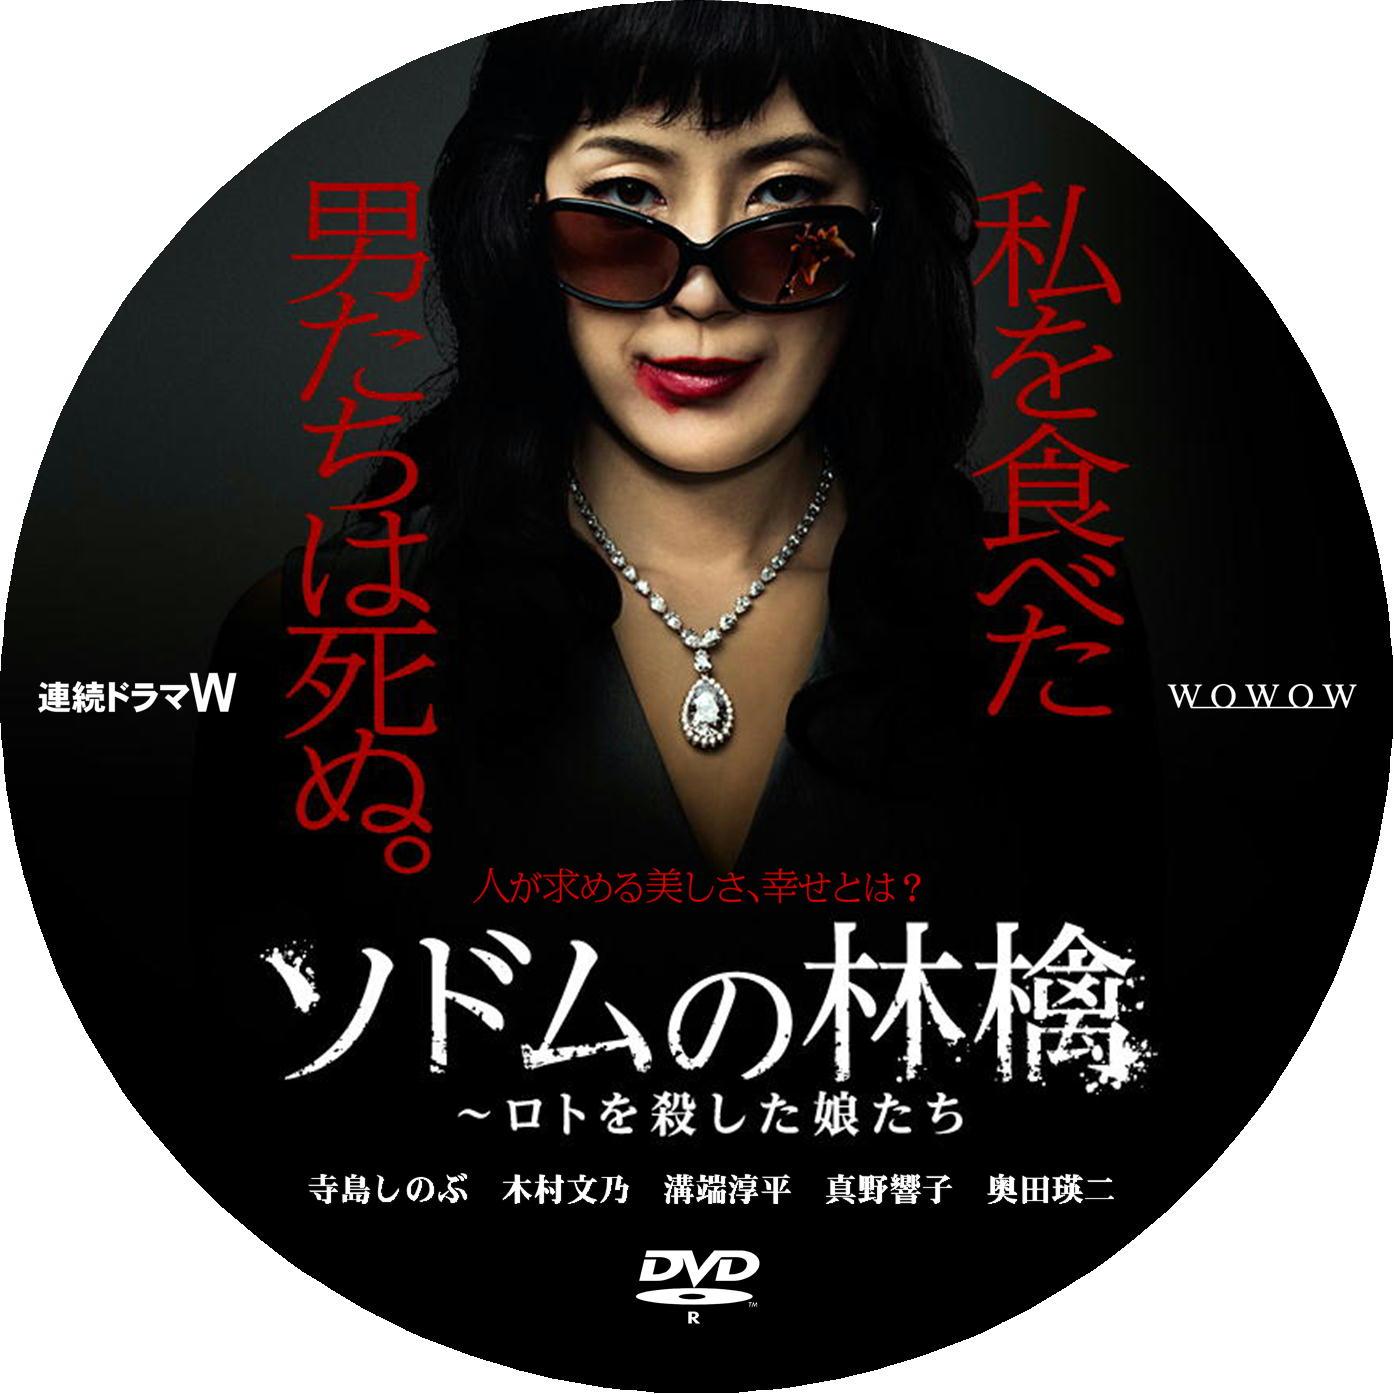 ソドムの林檎DVDラベル